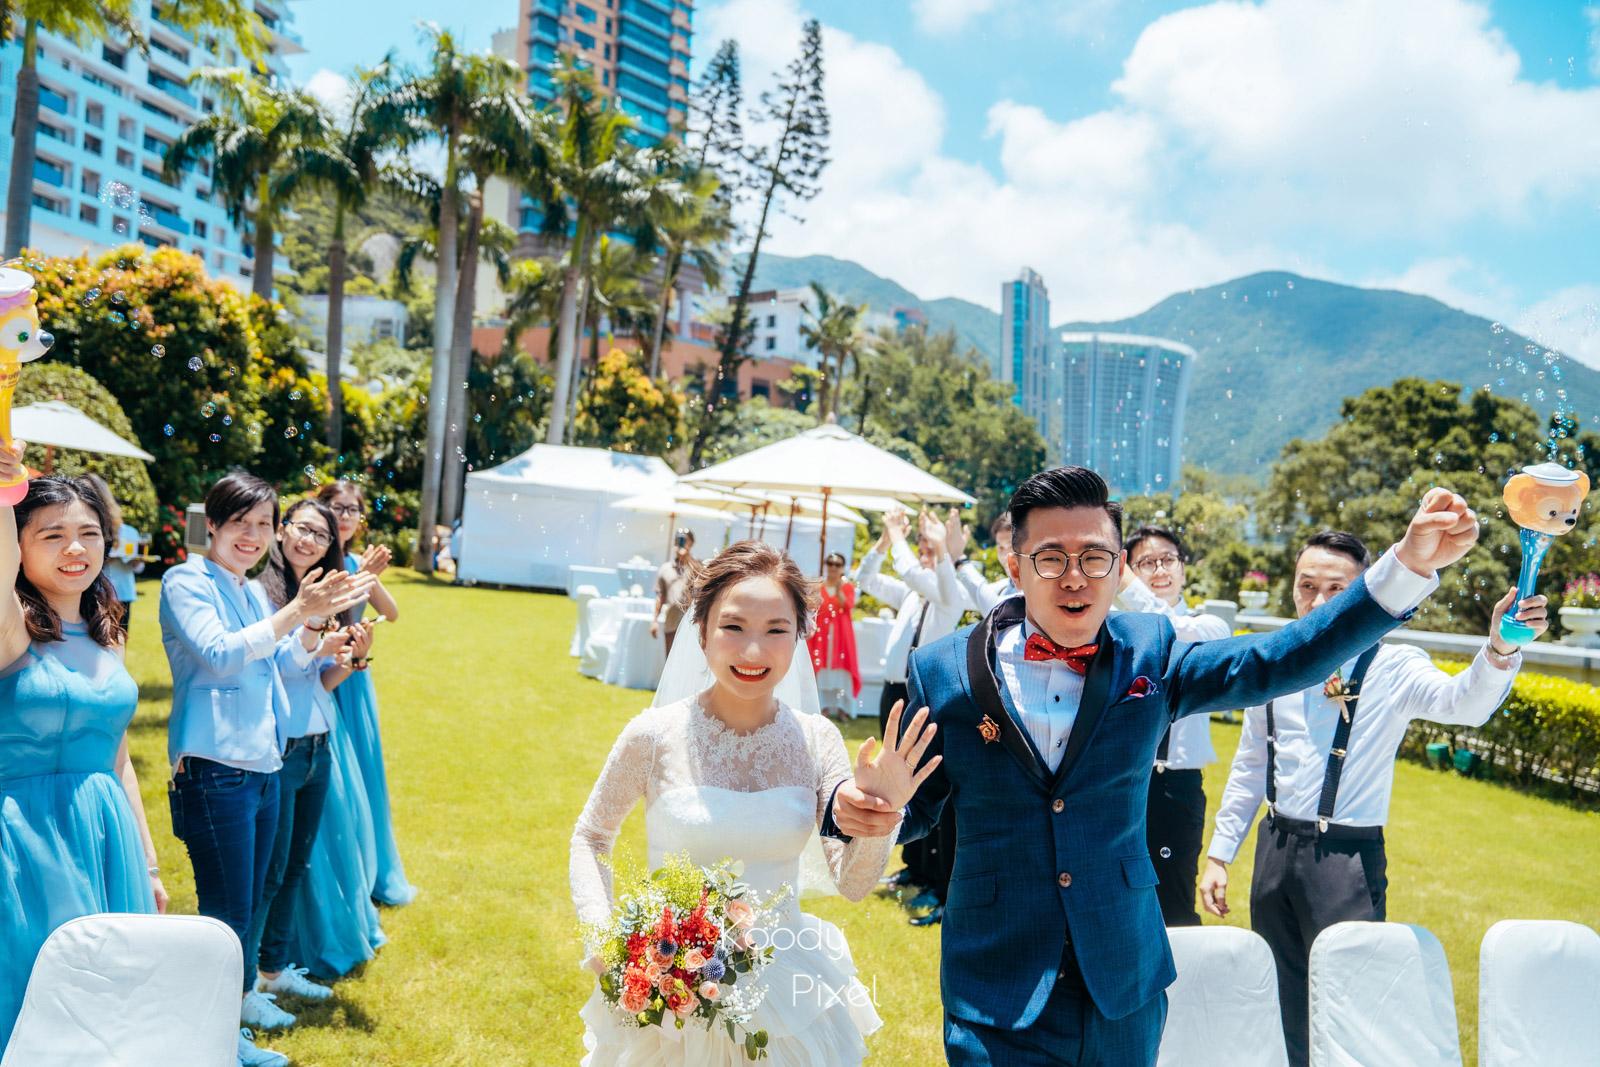 於映灣園戶外的證婚儀式,熱辣辣的陽光讓草地上的證婚更加升溫。